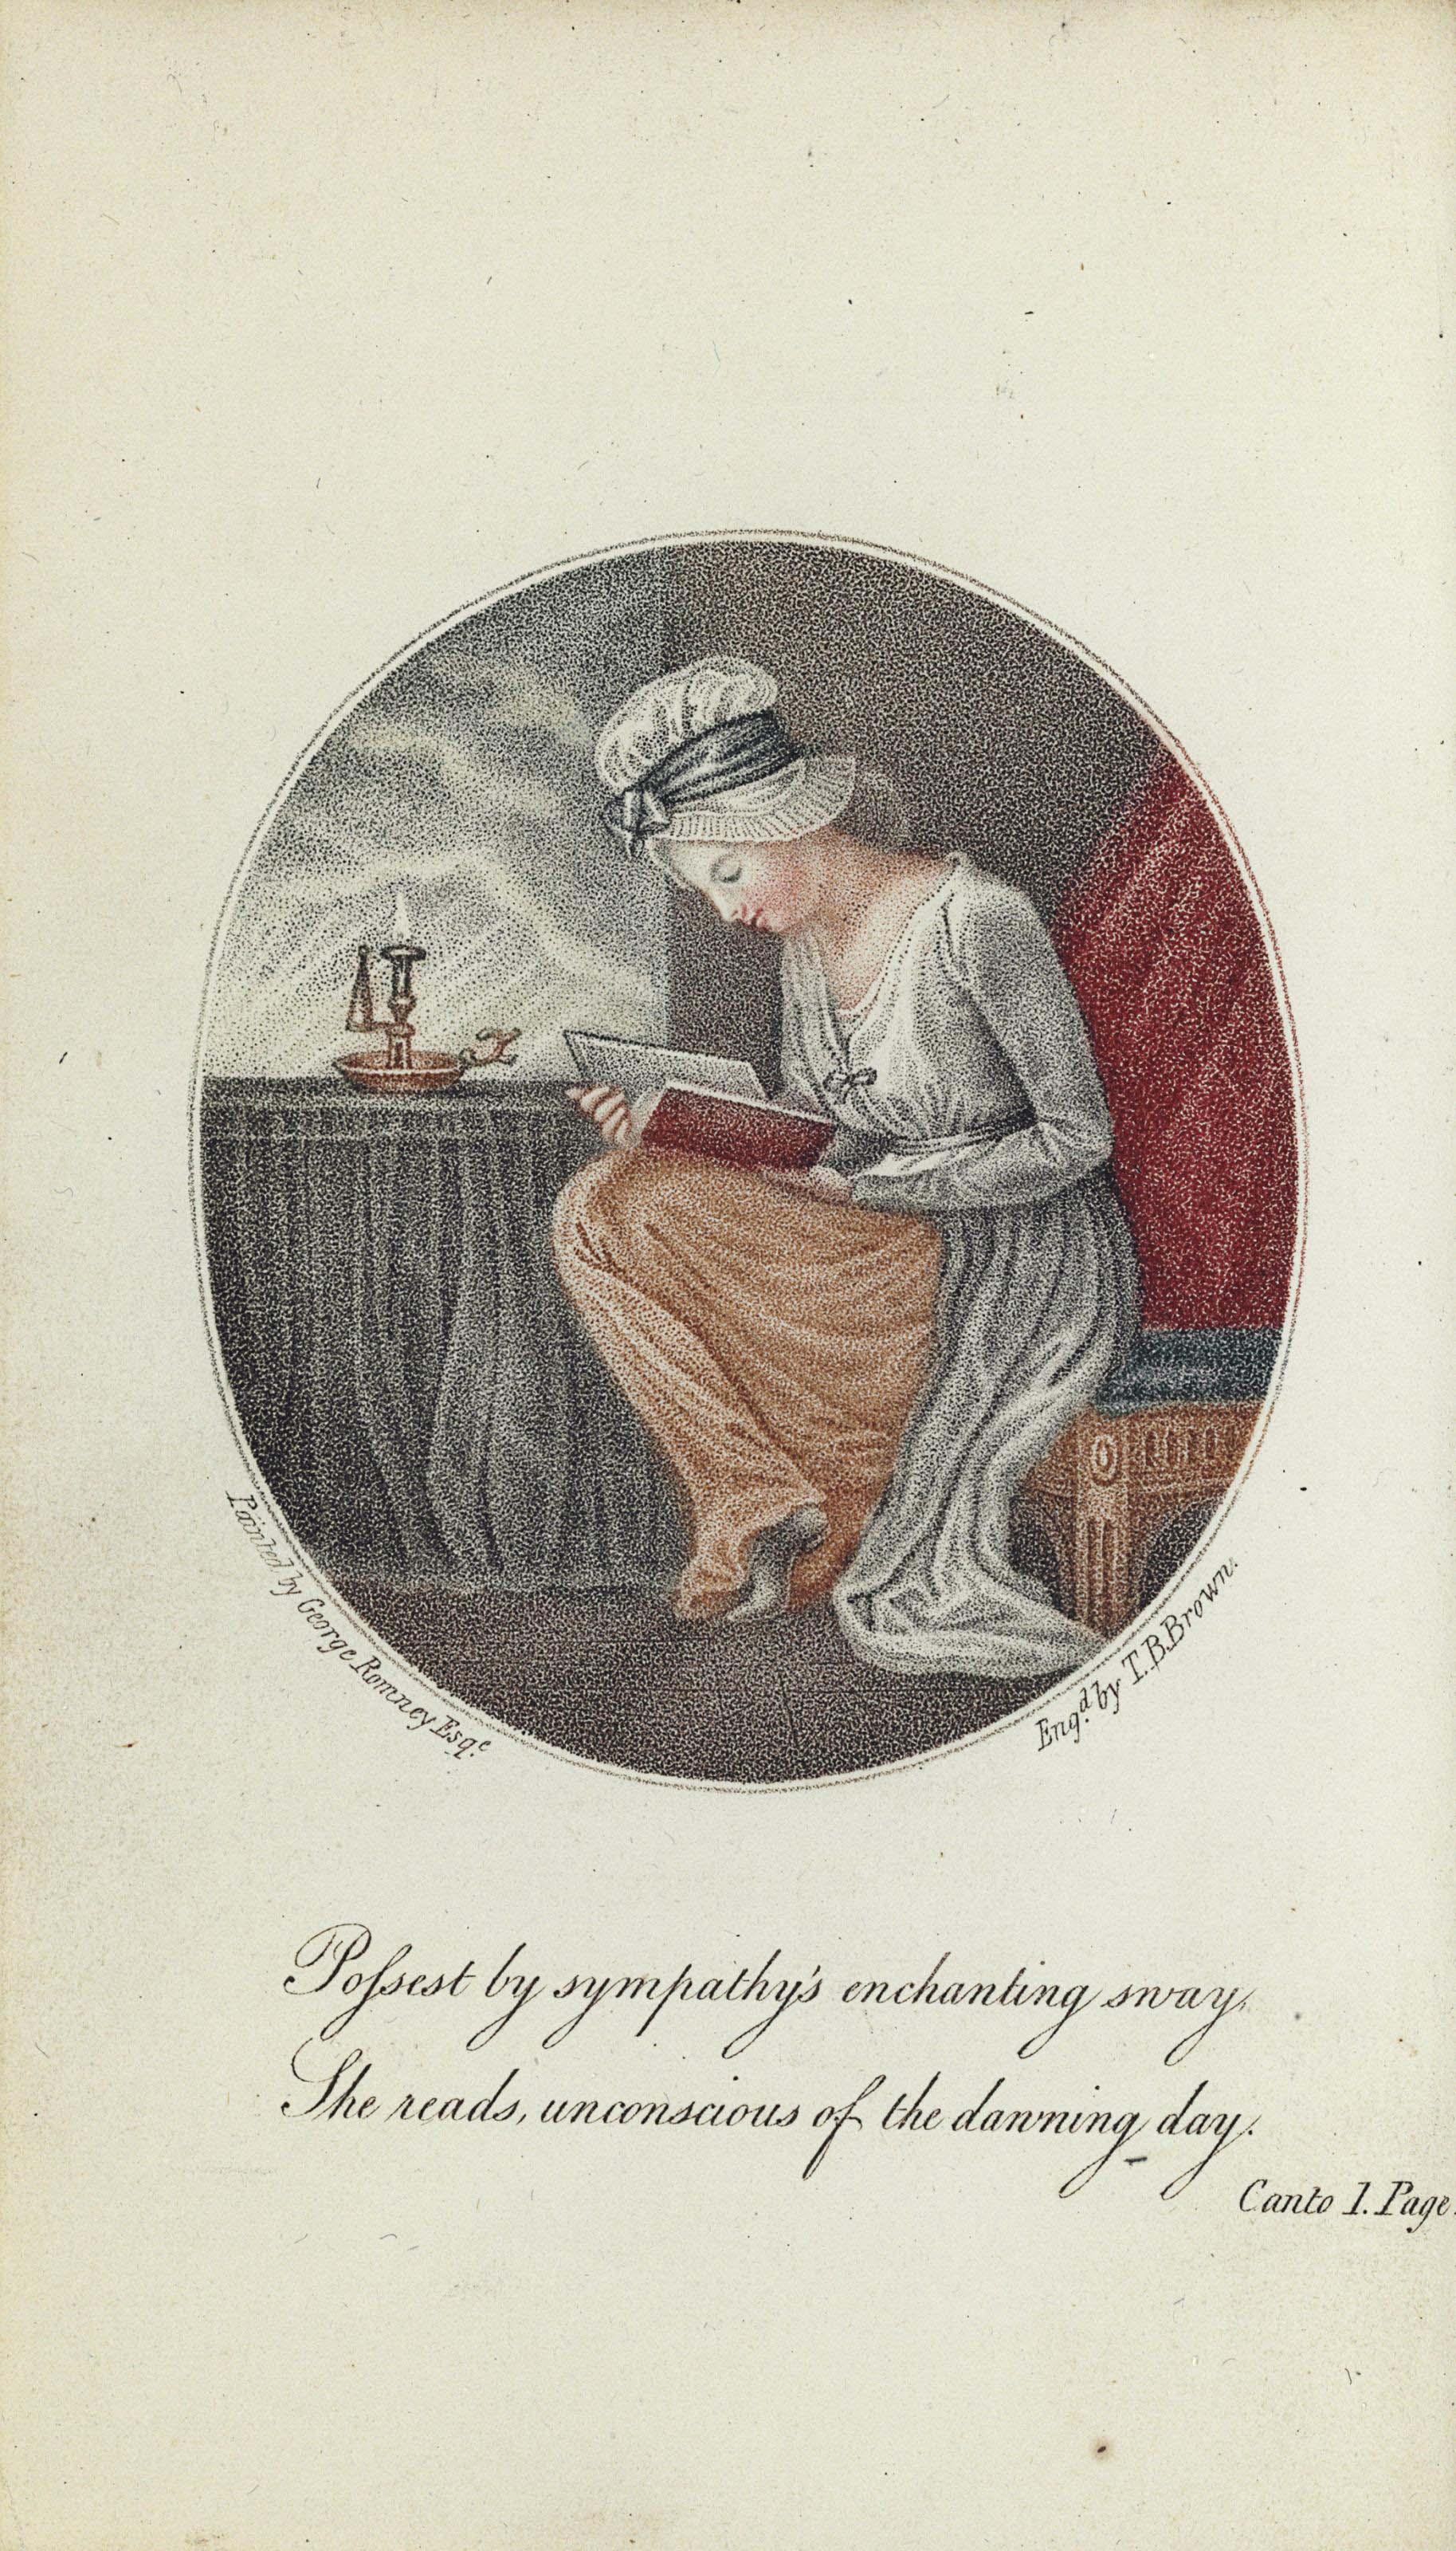 HAYLEY, William (1745-1820). T